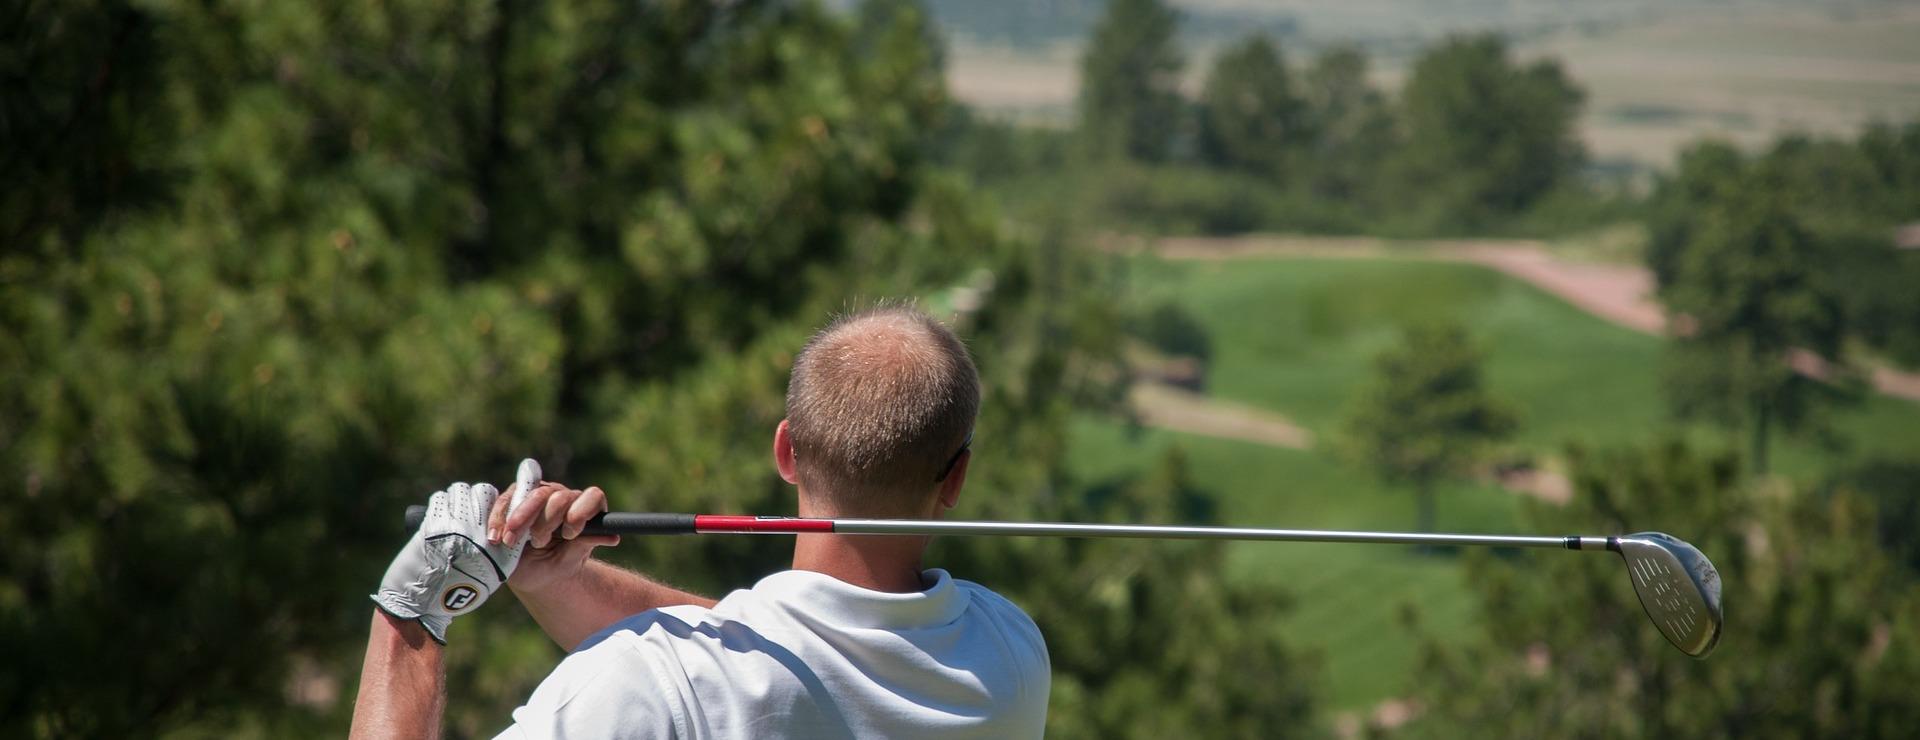 Golfer 1615609 1920